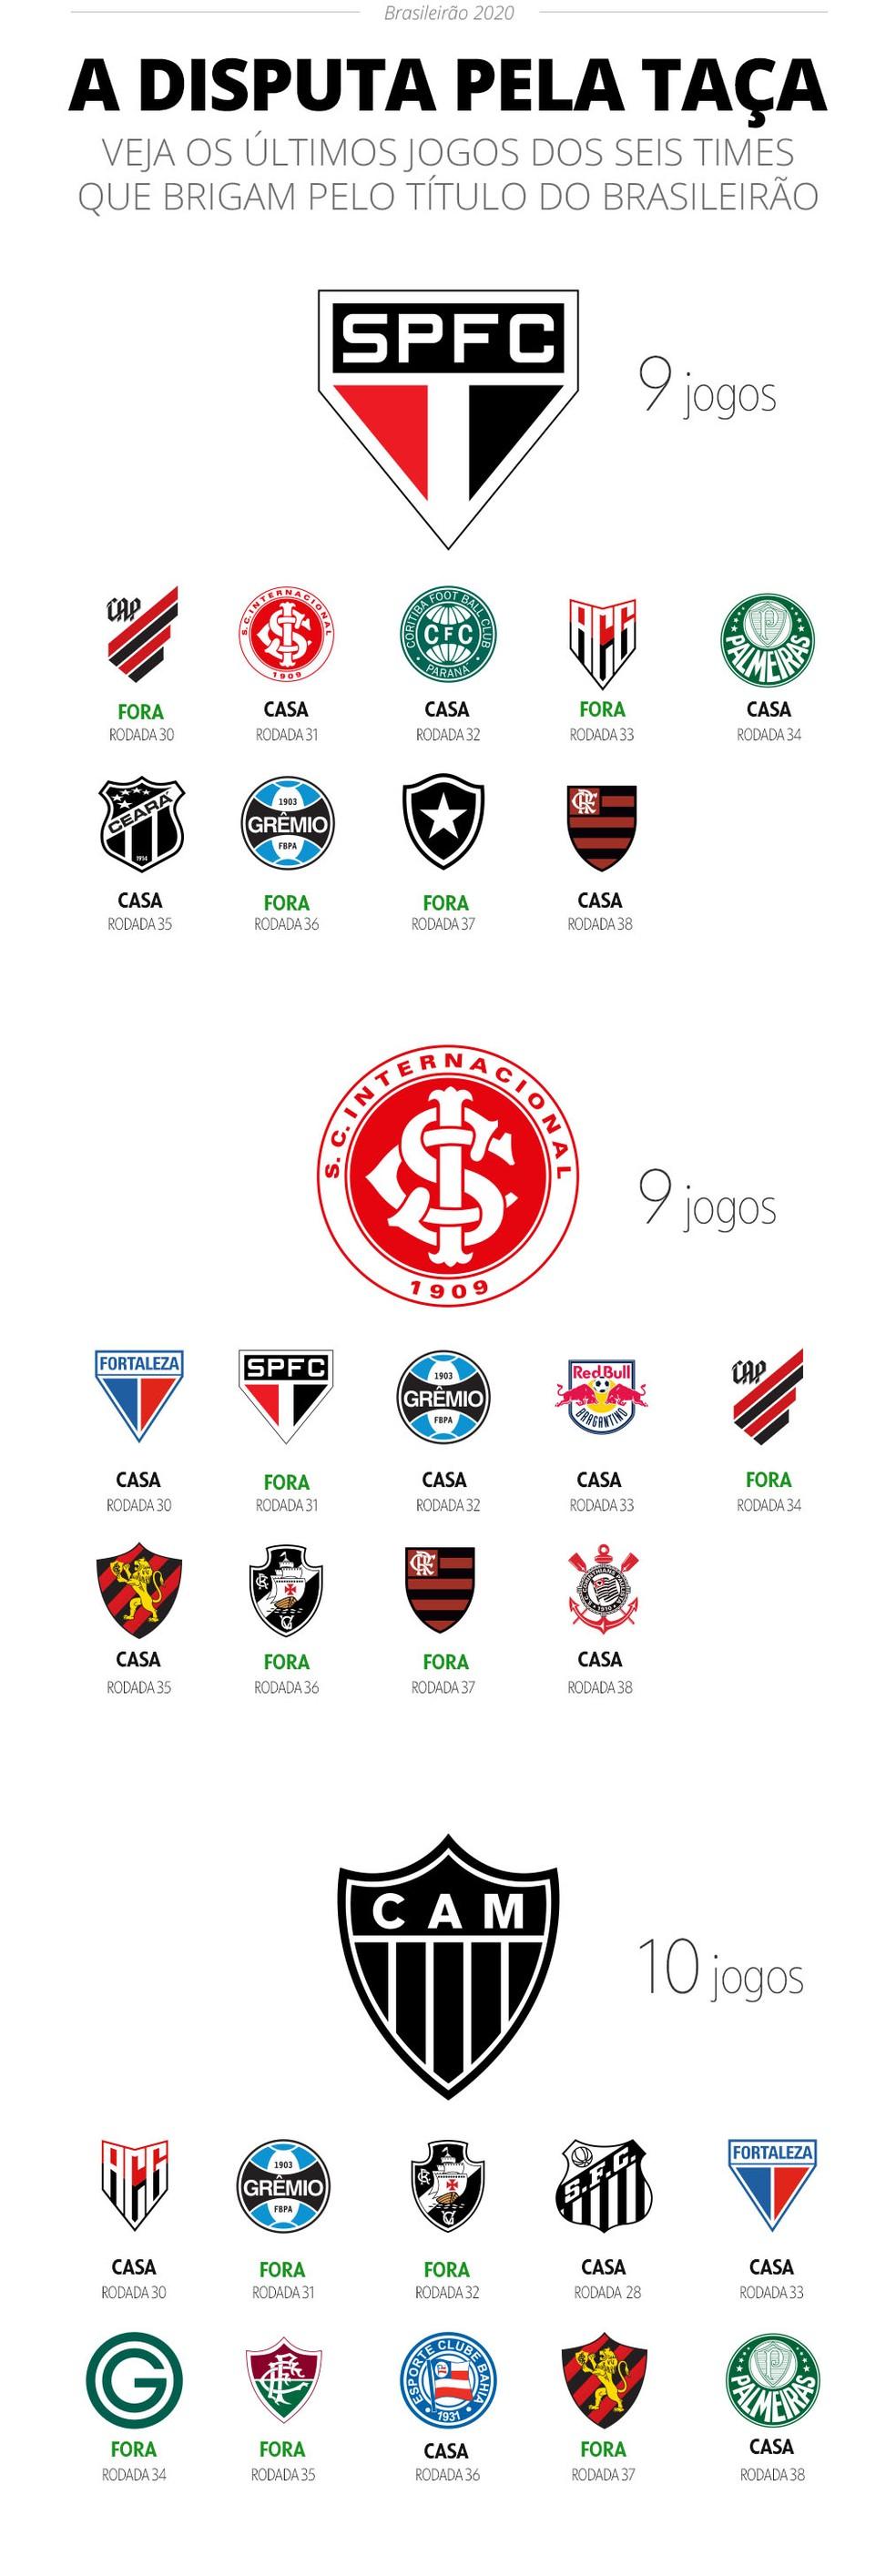 Próximos jogos de São Paulo, Inter e Atlético-MG no Brasileirão — Foto: Infoesporte